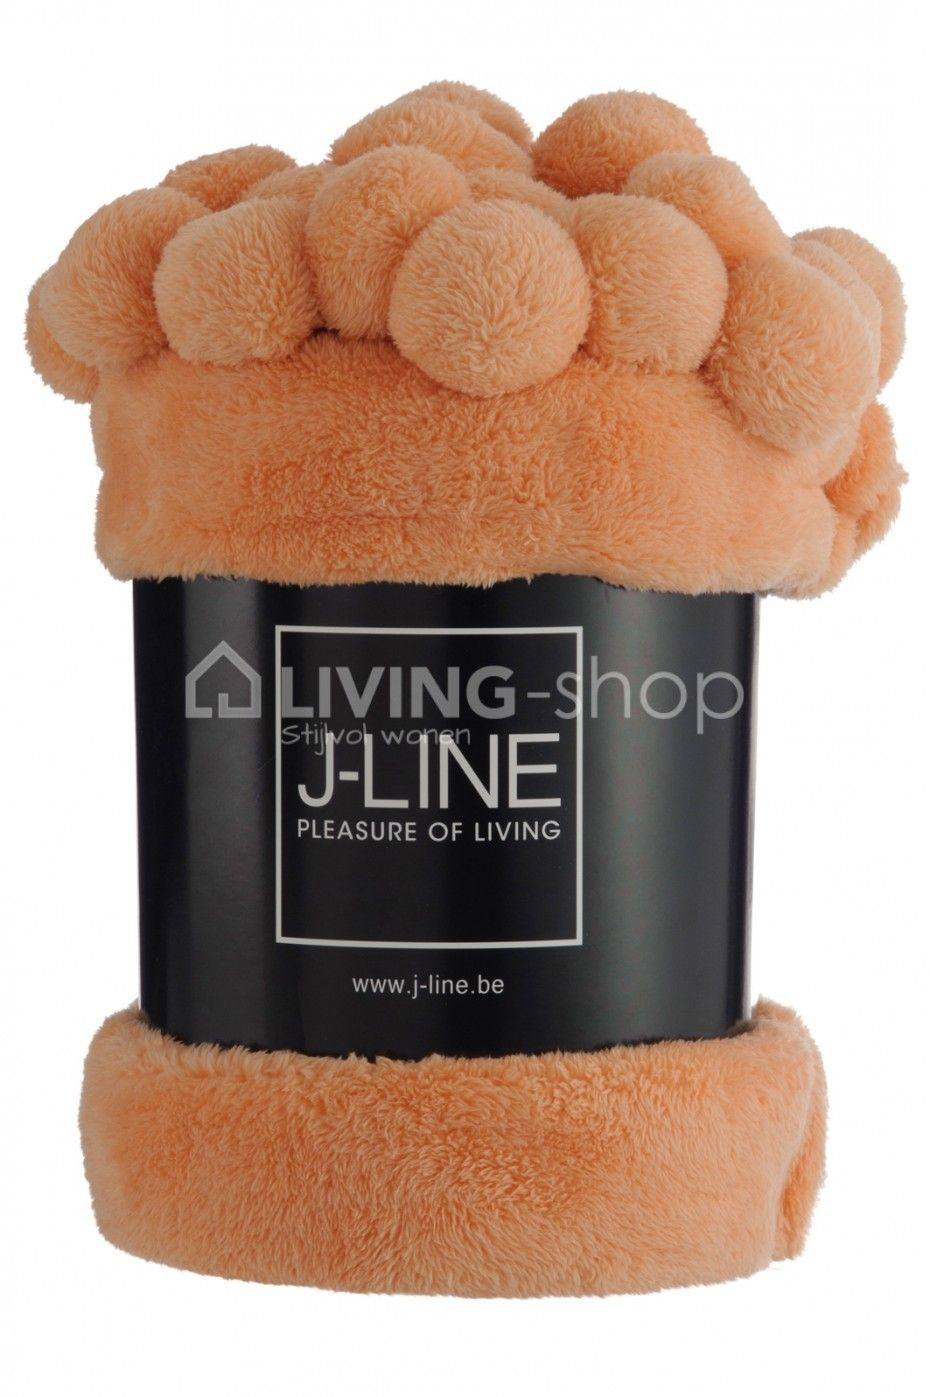 Plaid pompons oranje J-Line webshop LIVING-shop | DECORATIE ...